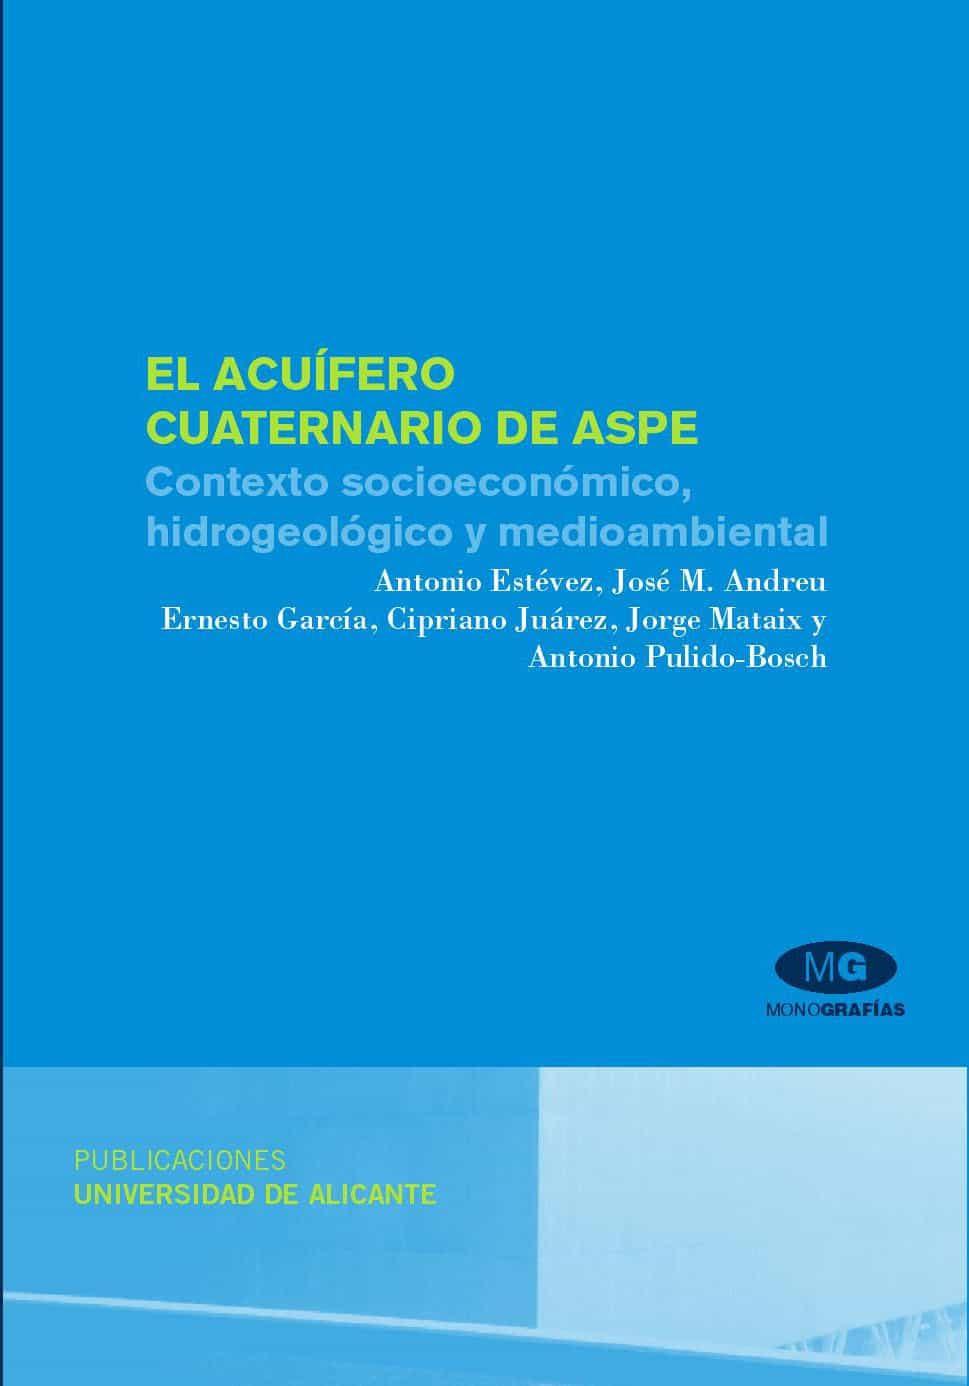 El Acuifero Cuaternario De Aspe: por Antonio Estevez Muñoz epub